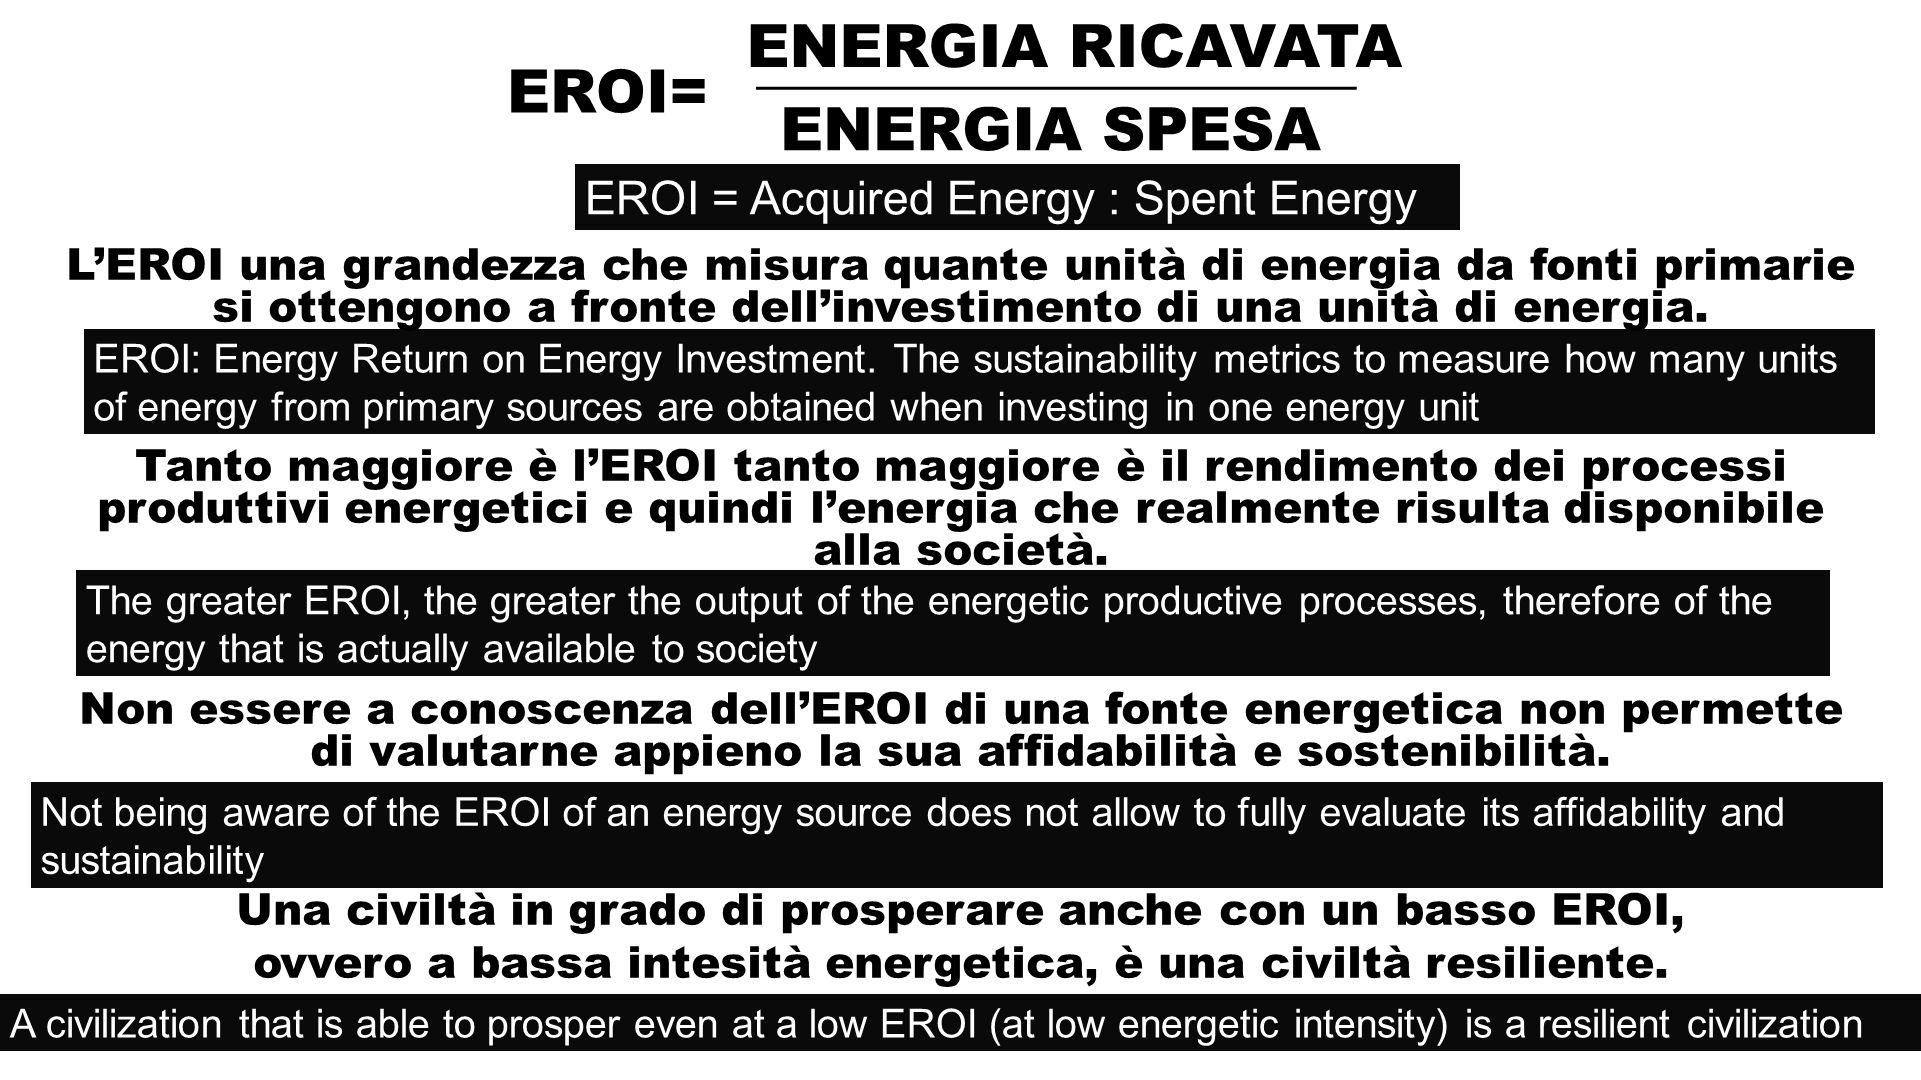 LEROI una grandezza che misura quante unità di energia da fonti primarie si ottengono a fronte dellinvestimento di una unità di energia.